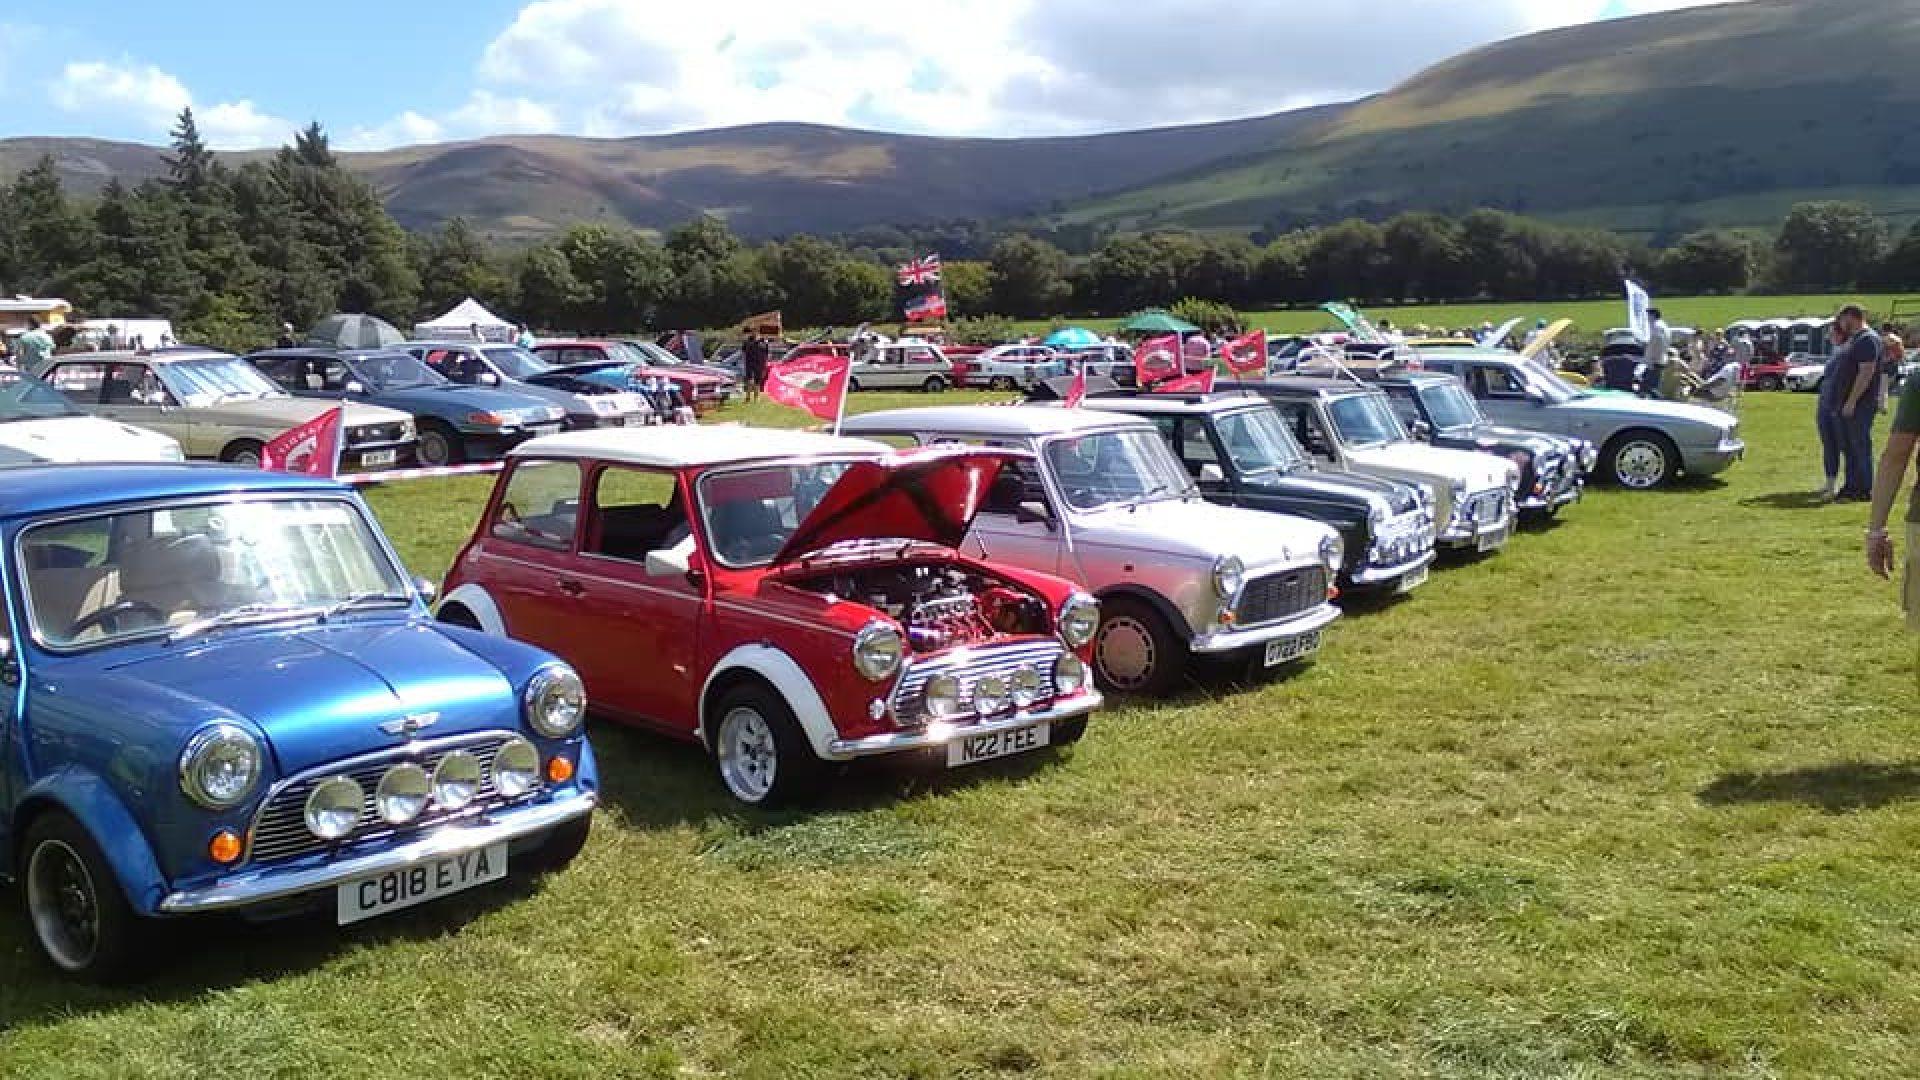 Cardiff Mini Club